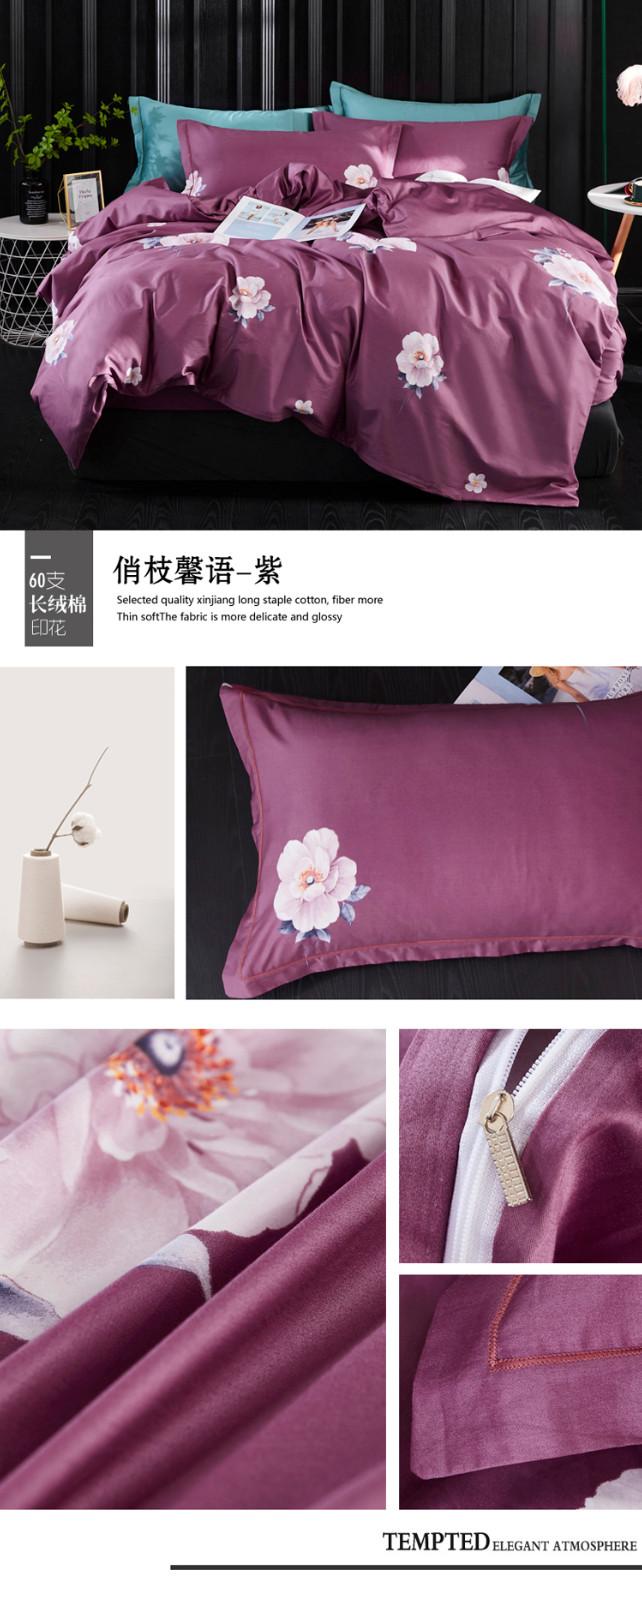 俏枝馨语-紫副本.jpg